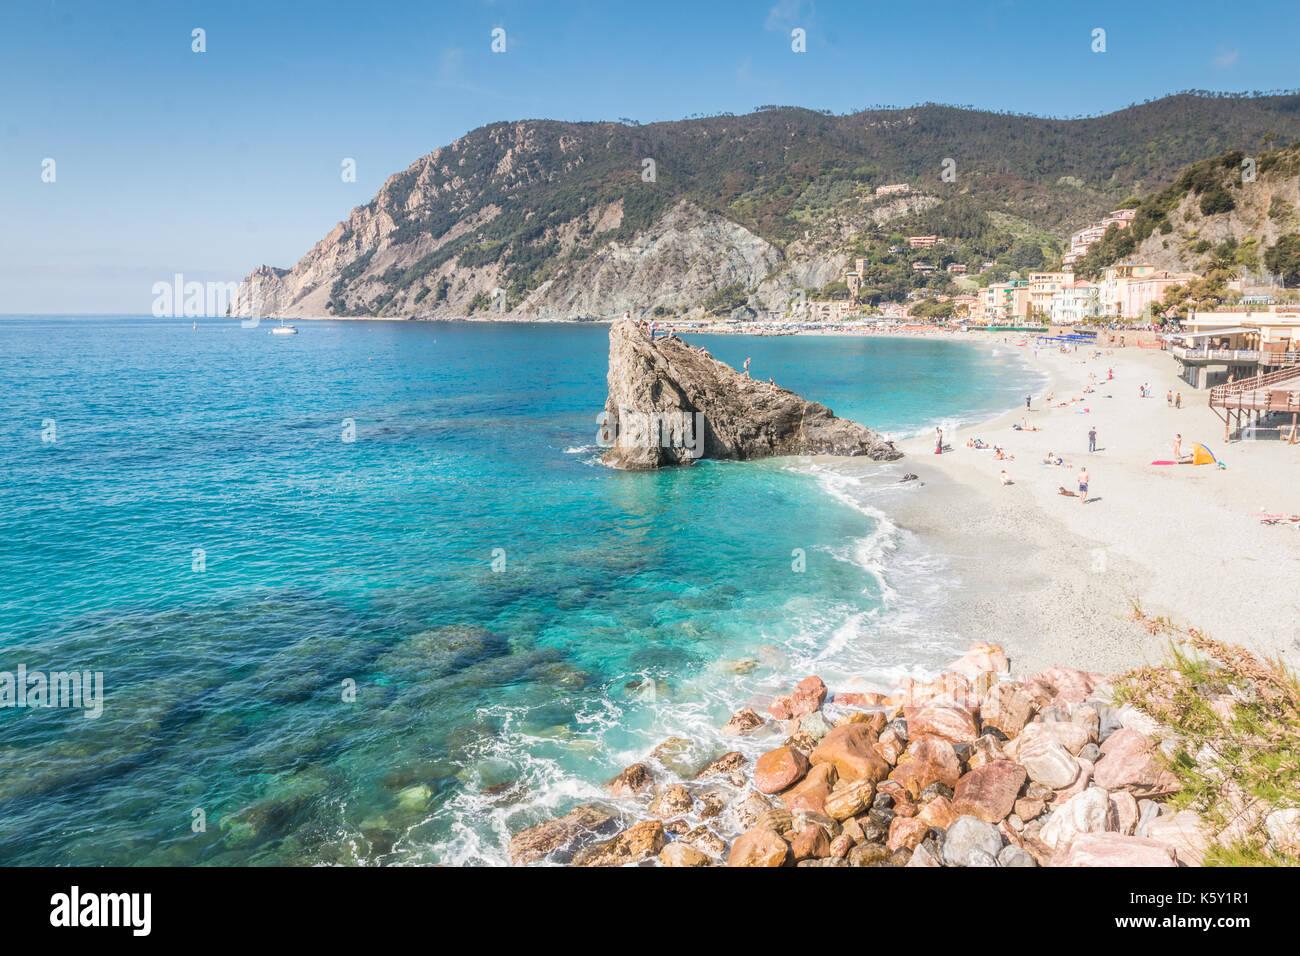 Monterosso al Mare beach, Cinque Terre, Italy Stock Photo